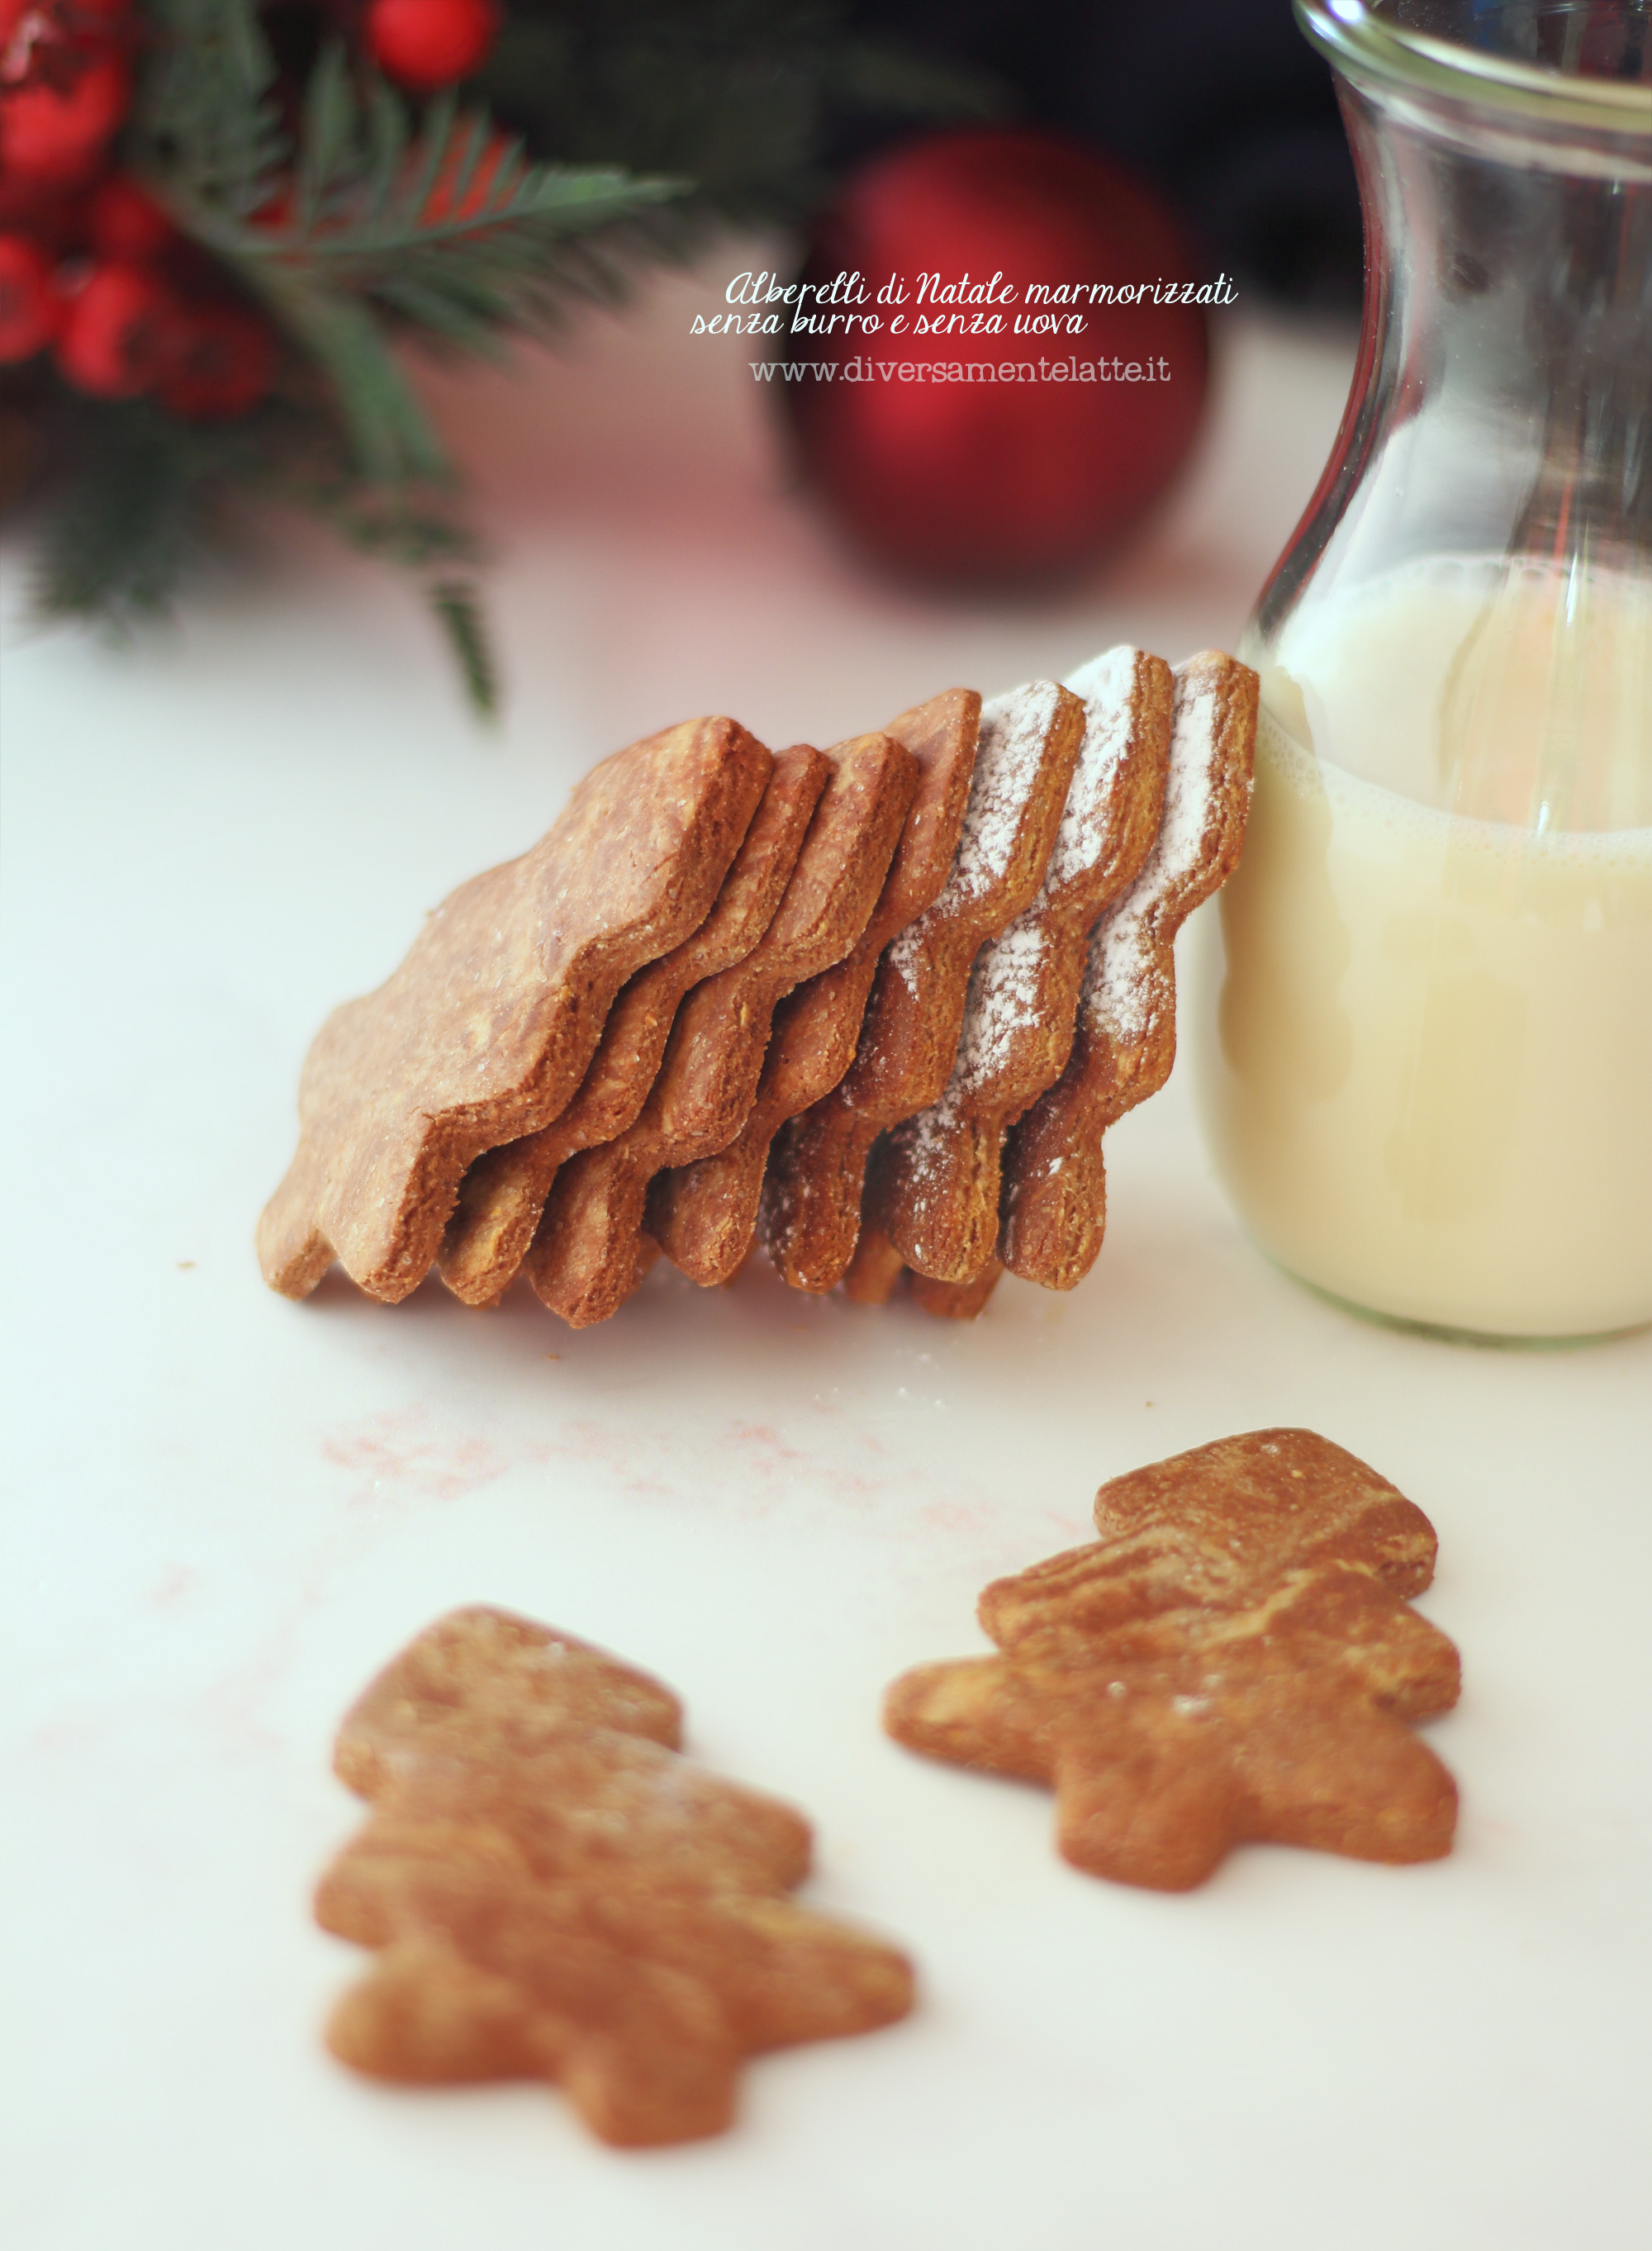 biscotti di natale marmorizzati